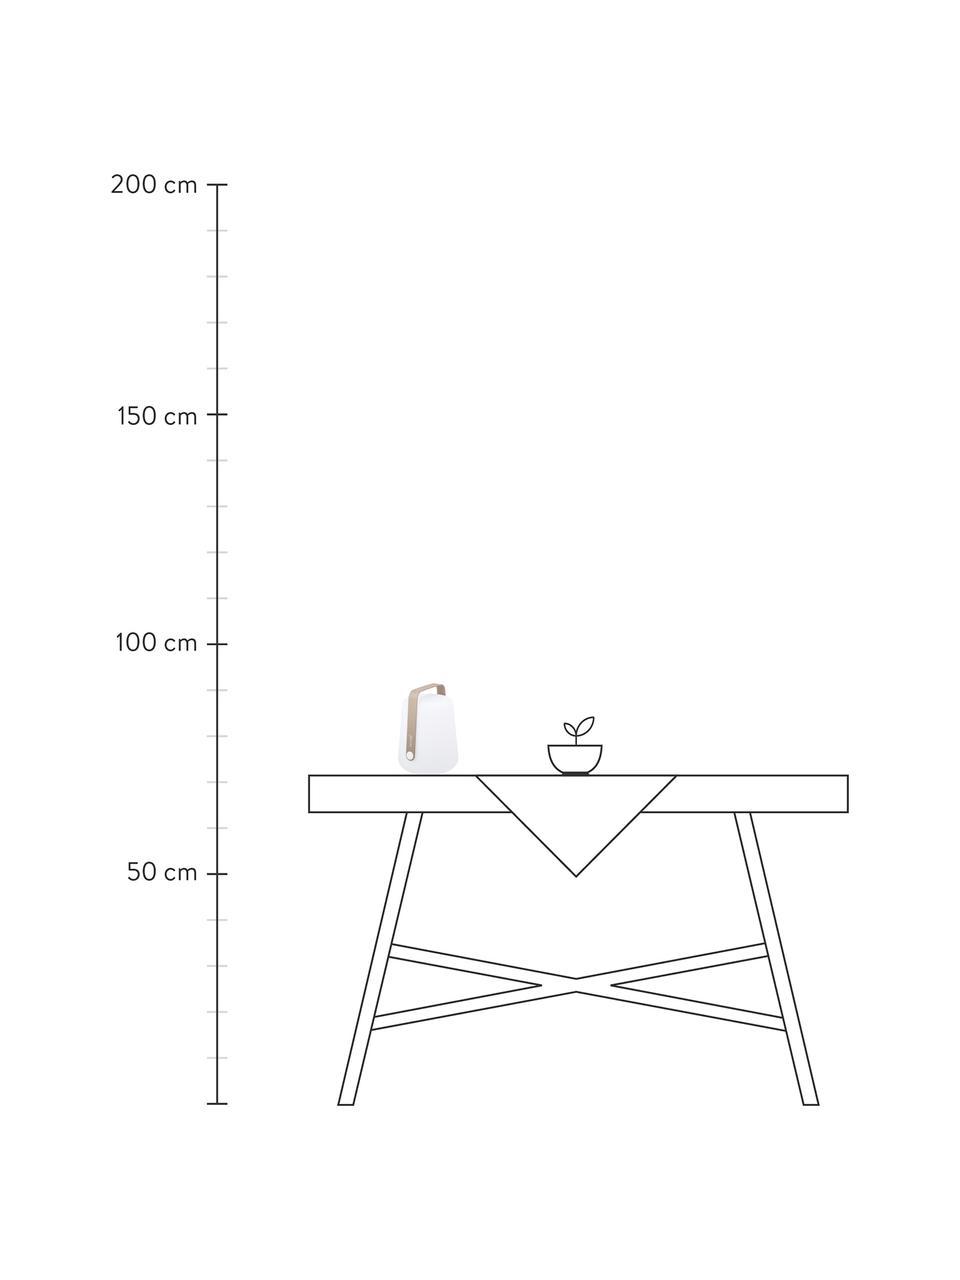 Lampada dimmerabile da esterno Balad, Paralume: polietilene altamente tra, Manico: alluminio verniciato, Marrone noce moscata, Ø 19 x Alt. 25 cm